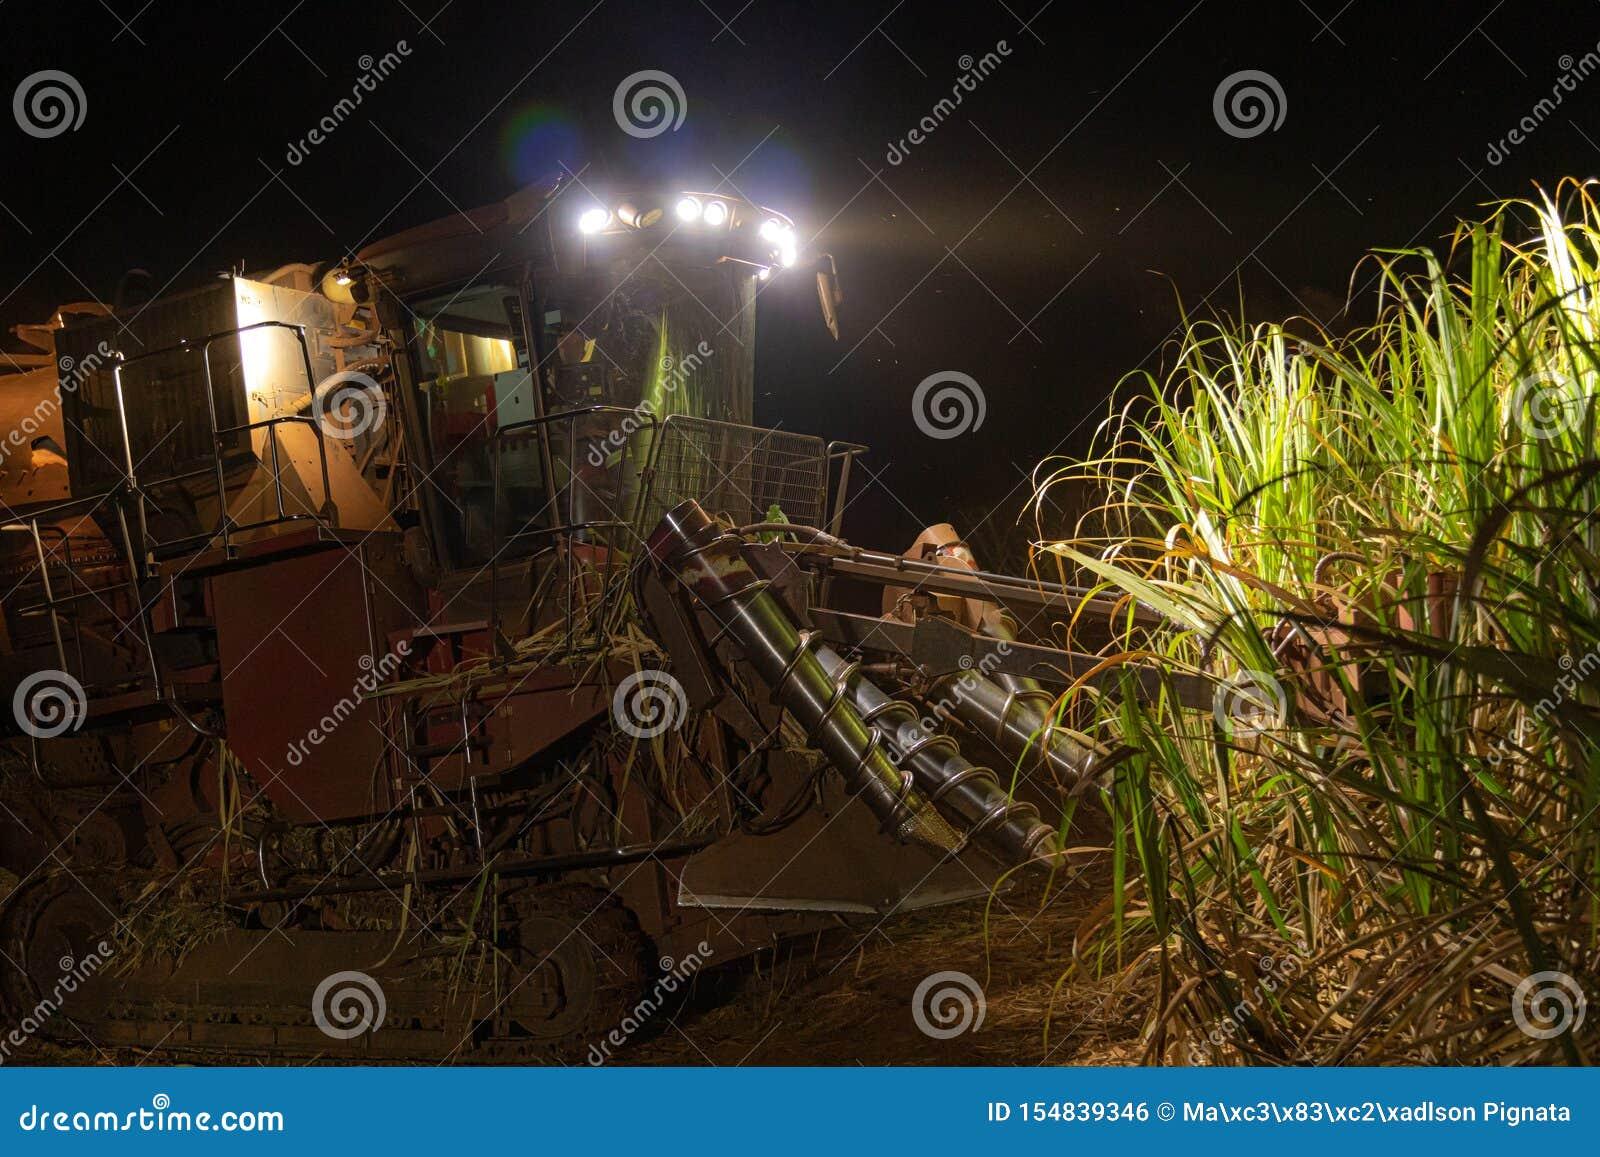 Notte della piantagione più hasvest della canna da zucchero